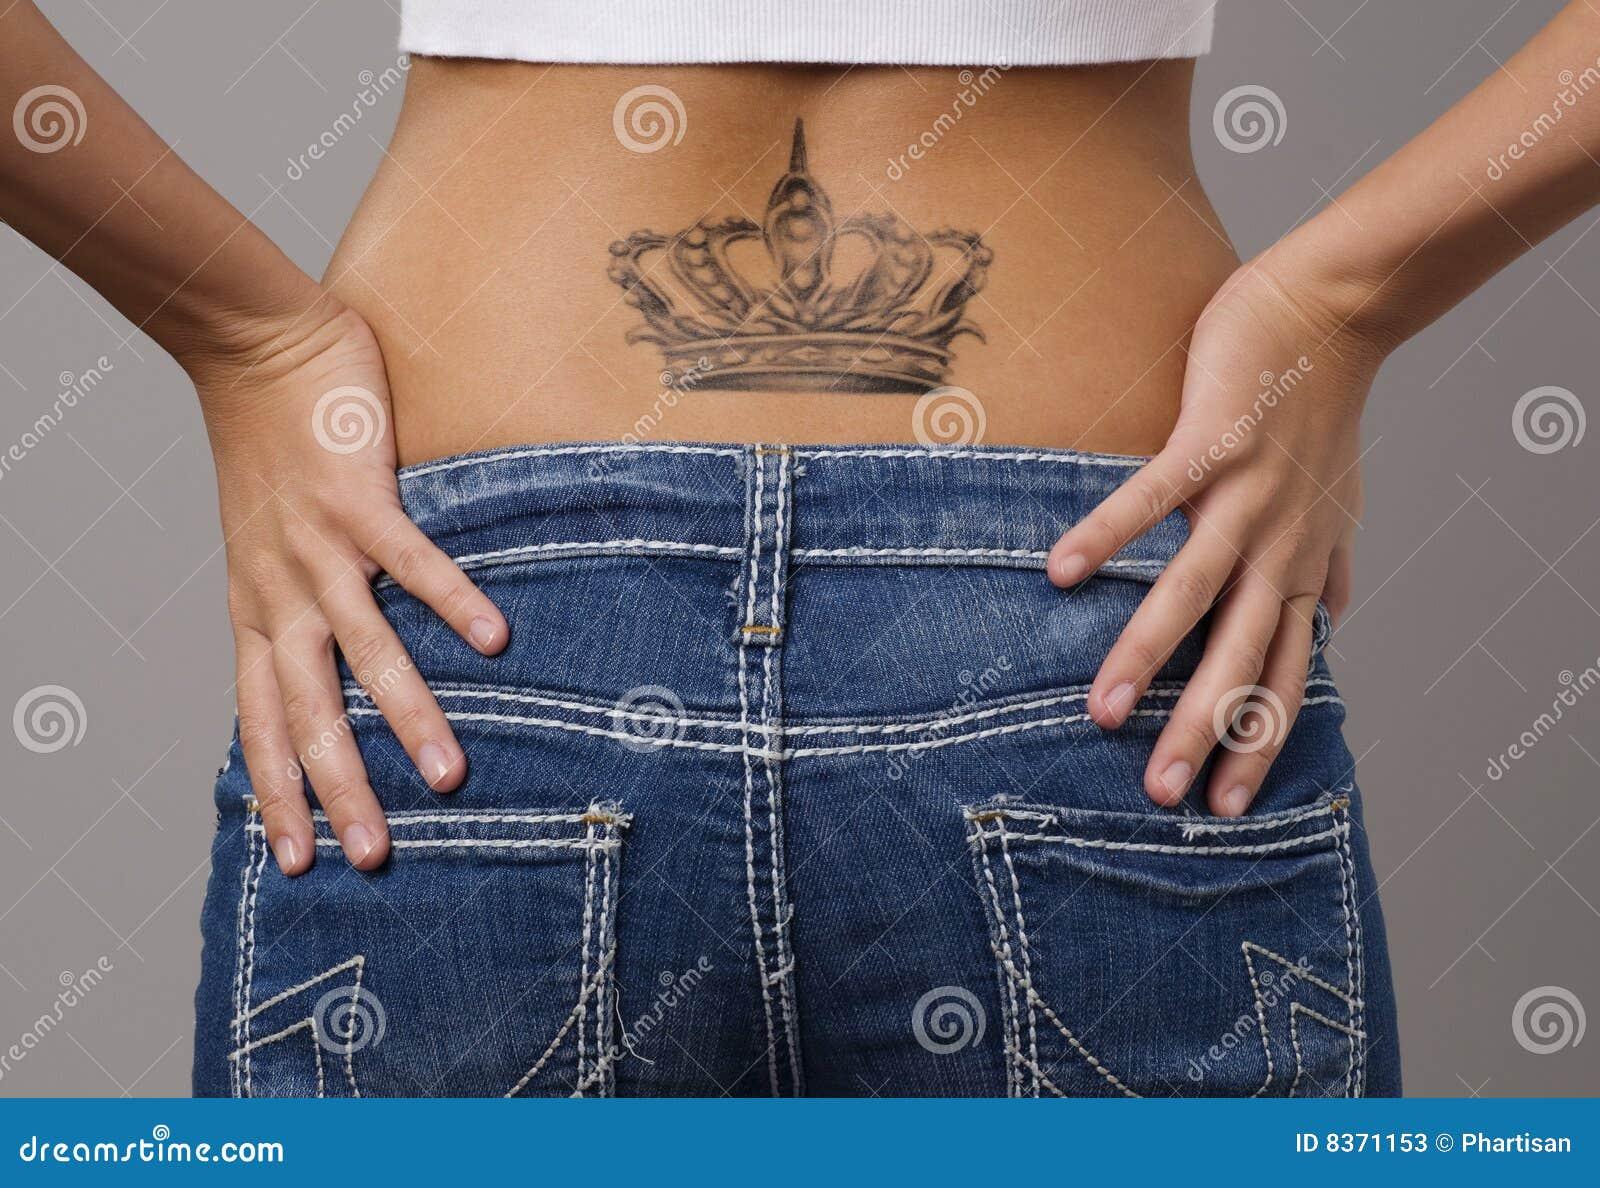 model wearing designer jeans